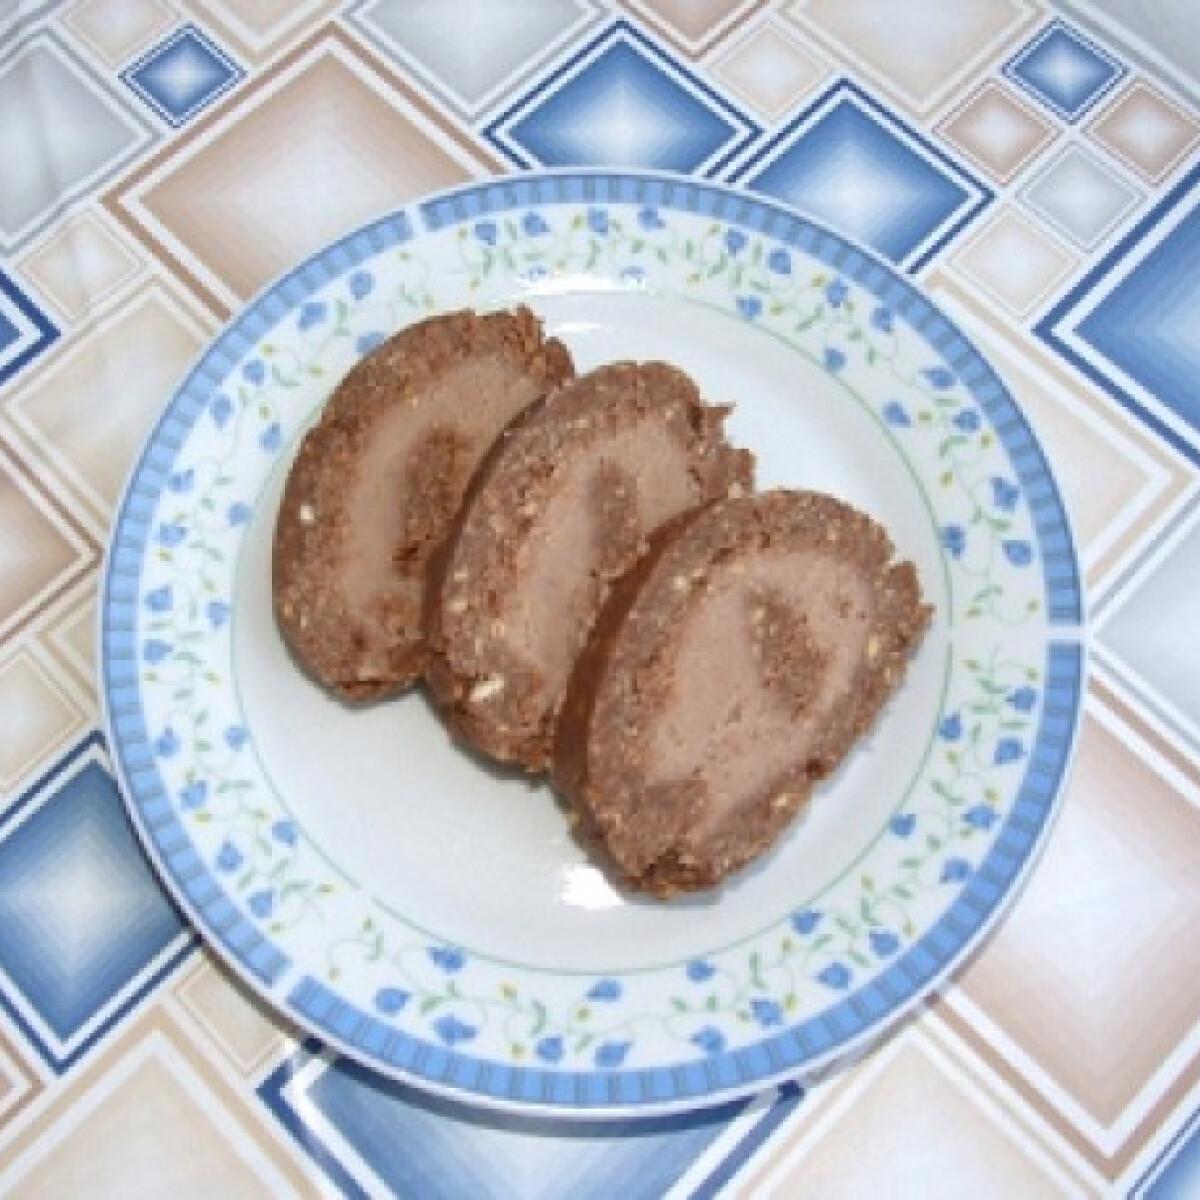 Ezen a képen: Gesztenyés keksztekercs Kif Lee konyhájából